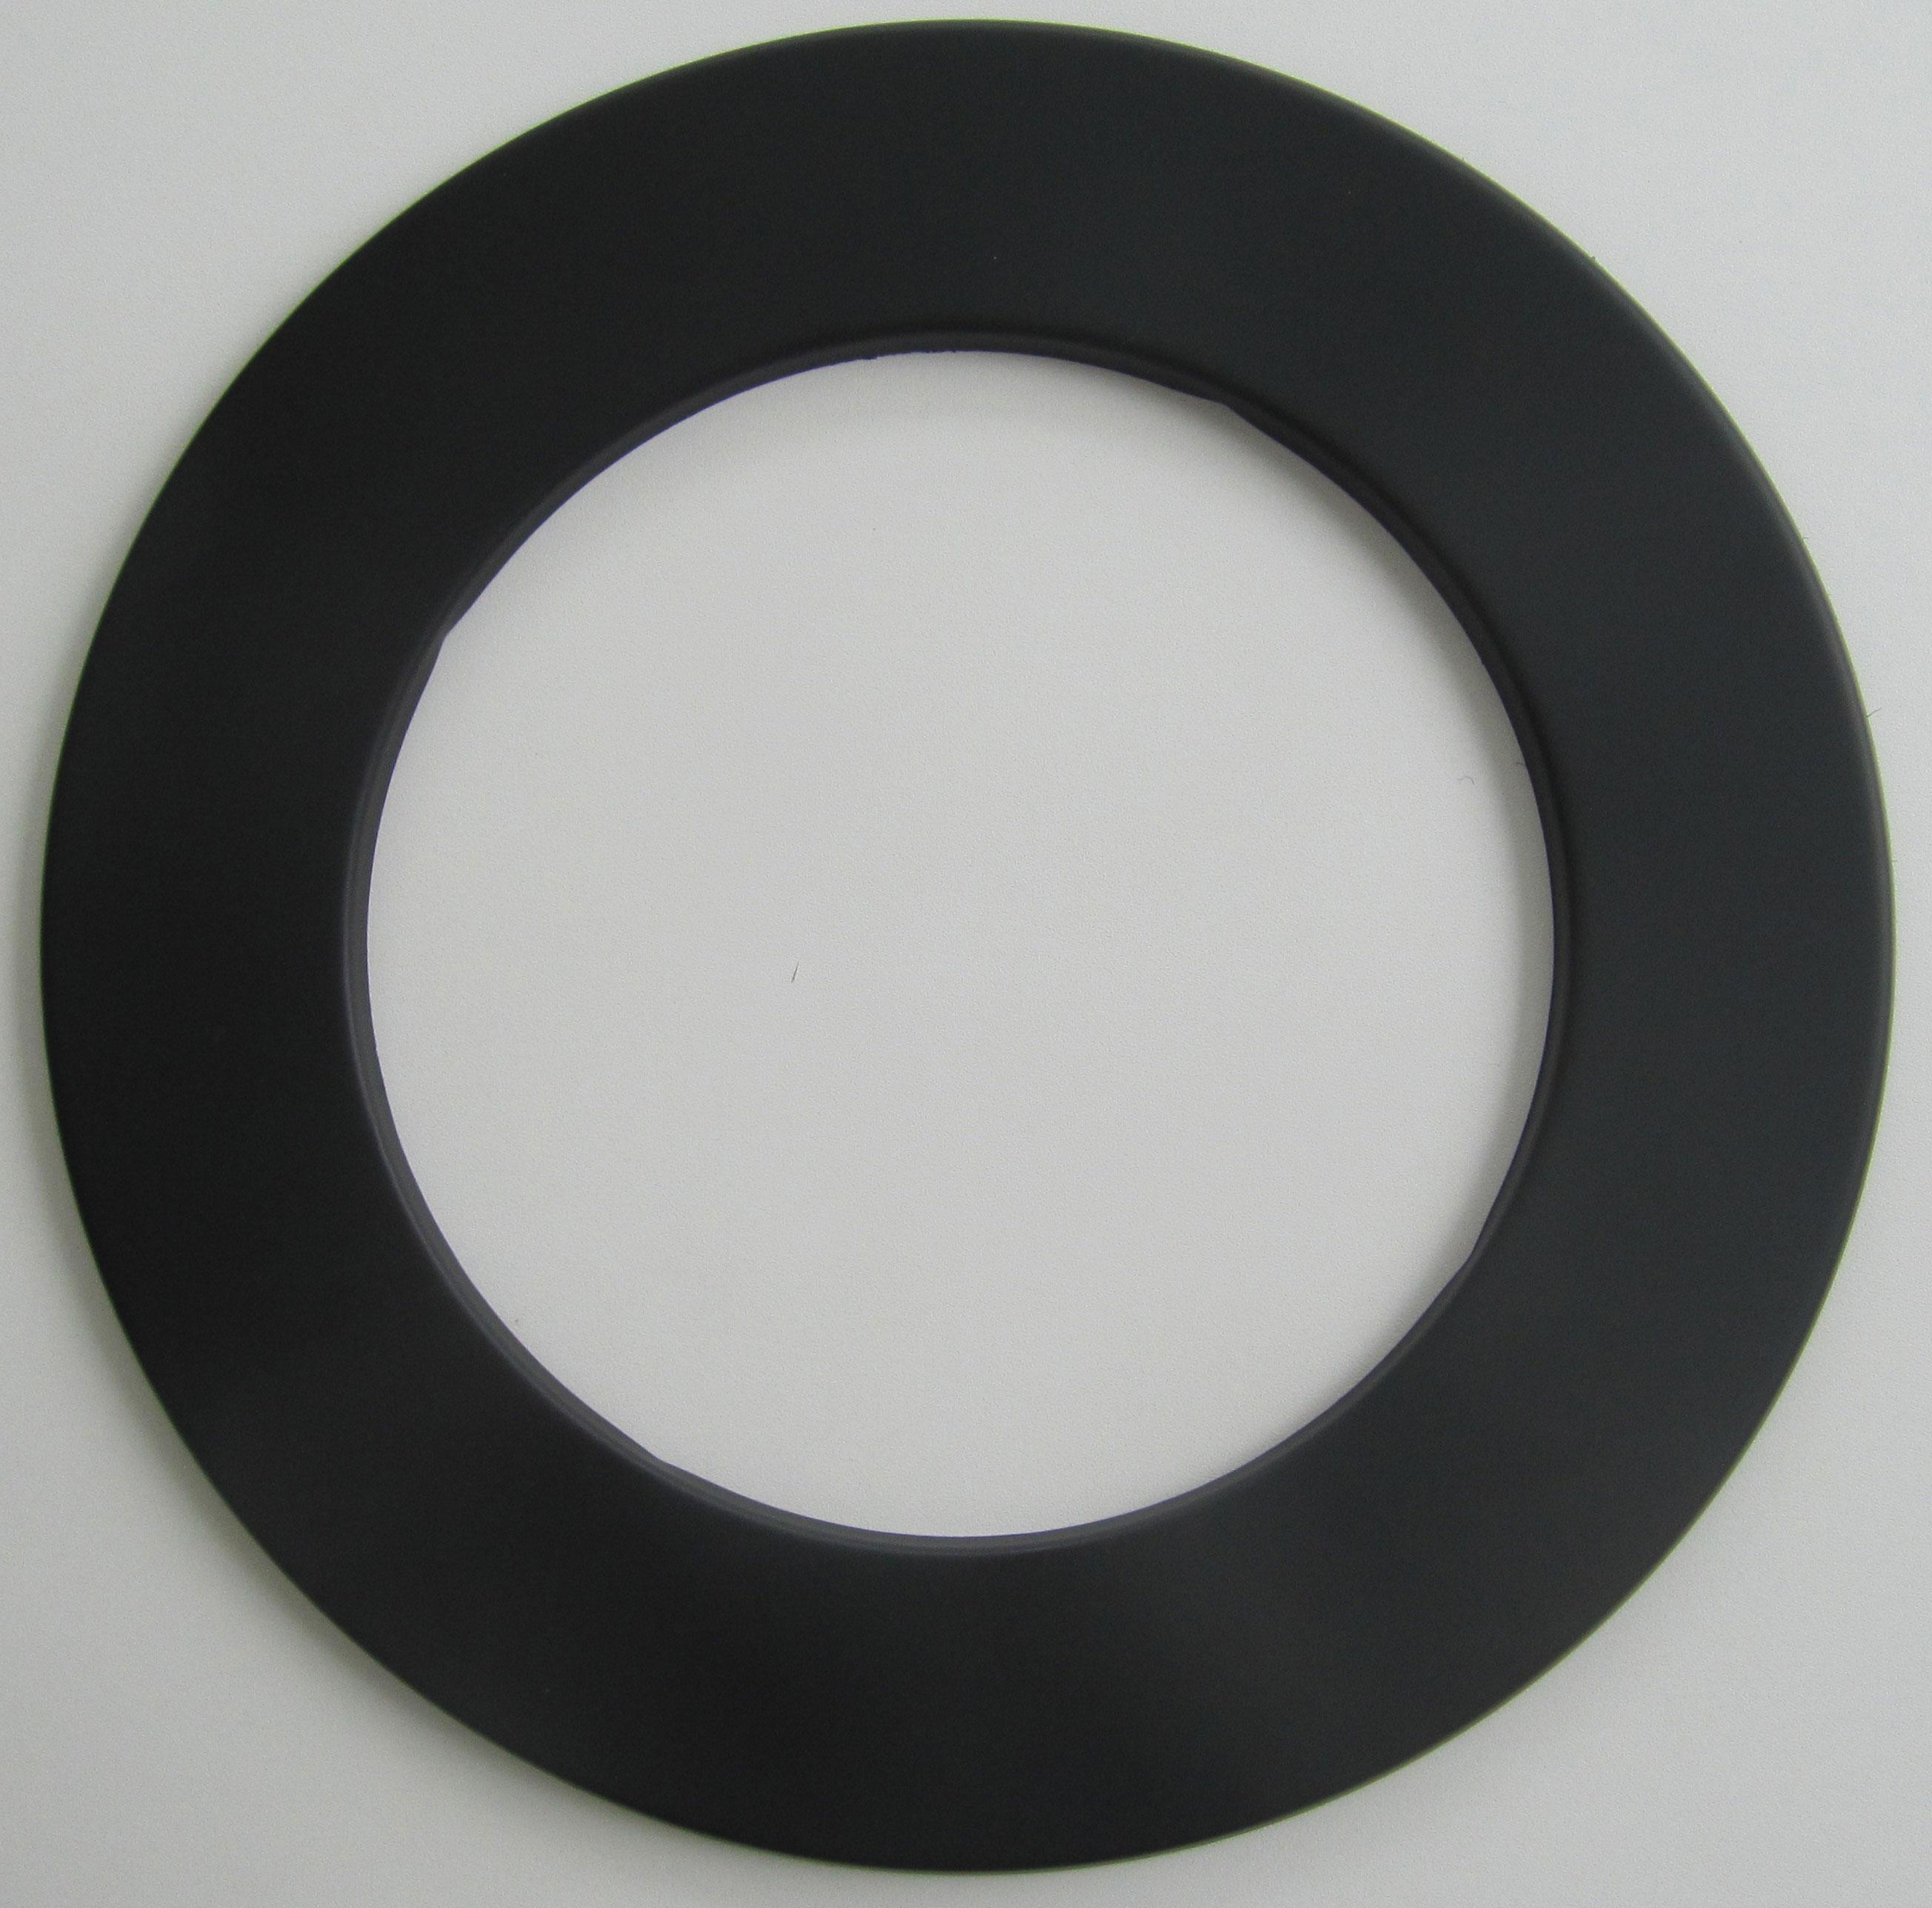 Rauchrohr-Rosette schwarz Ø 120 mm Bild 1